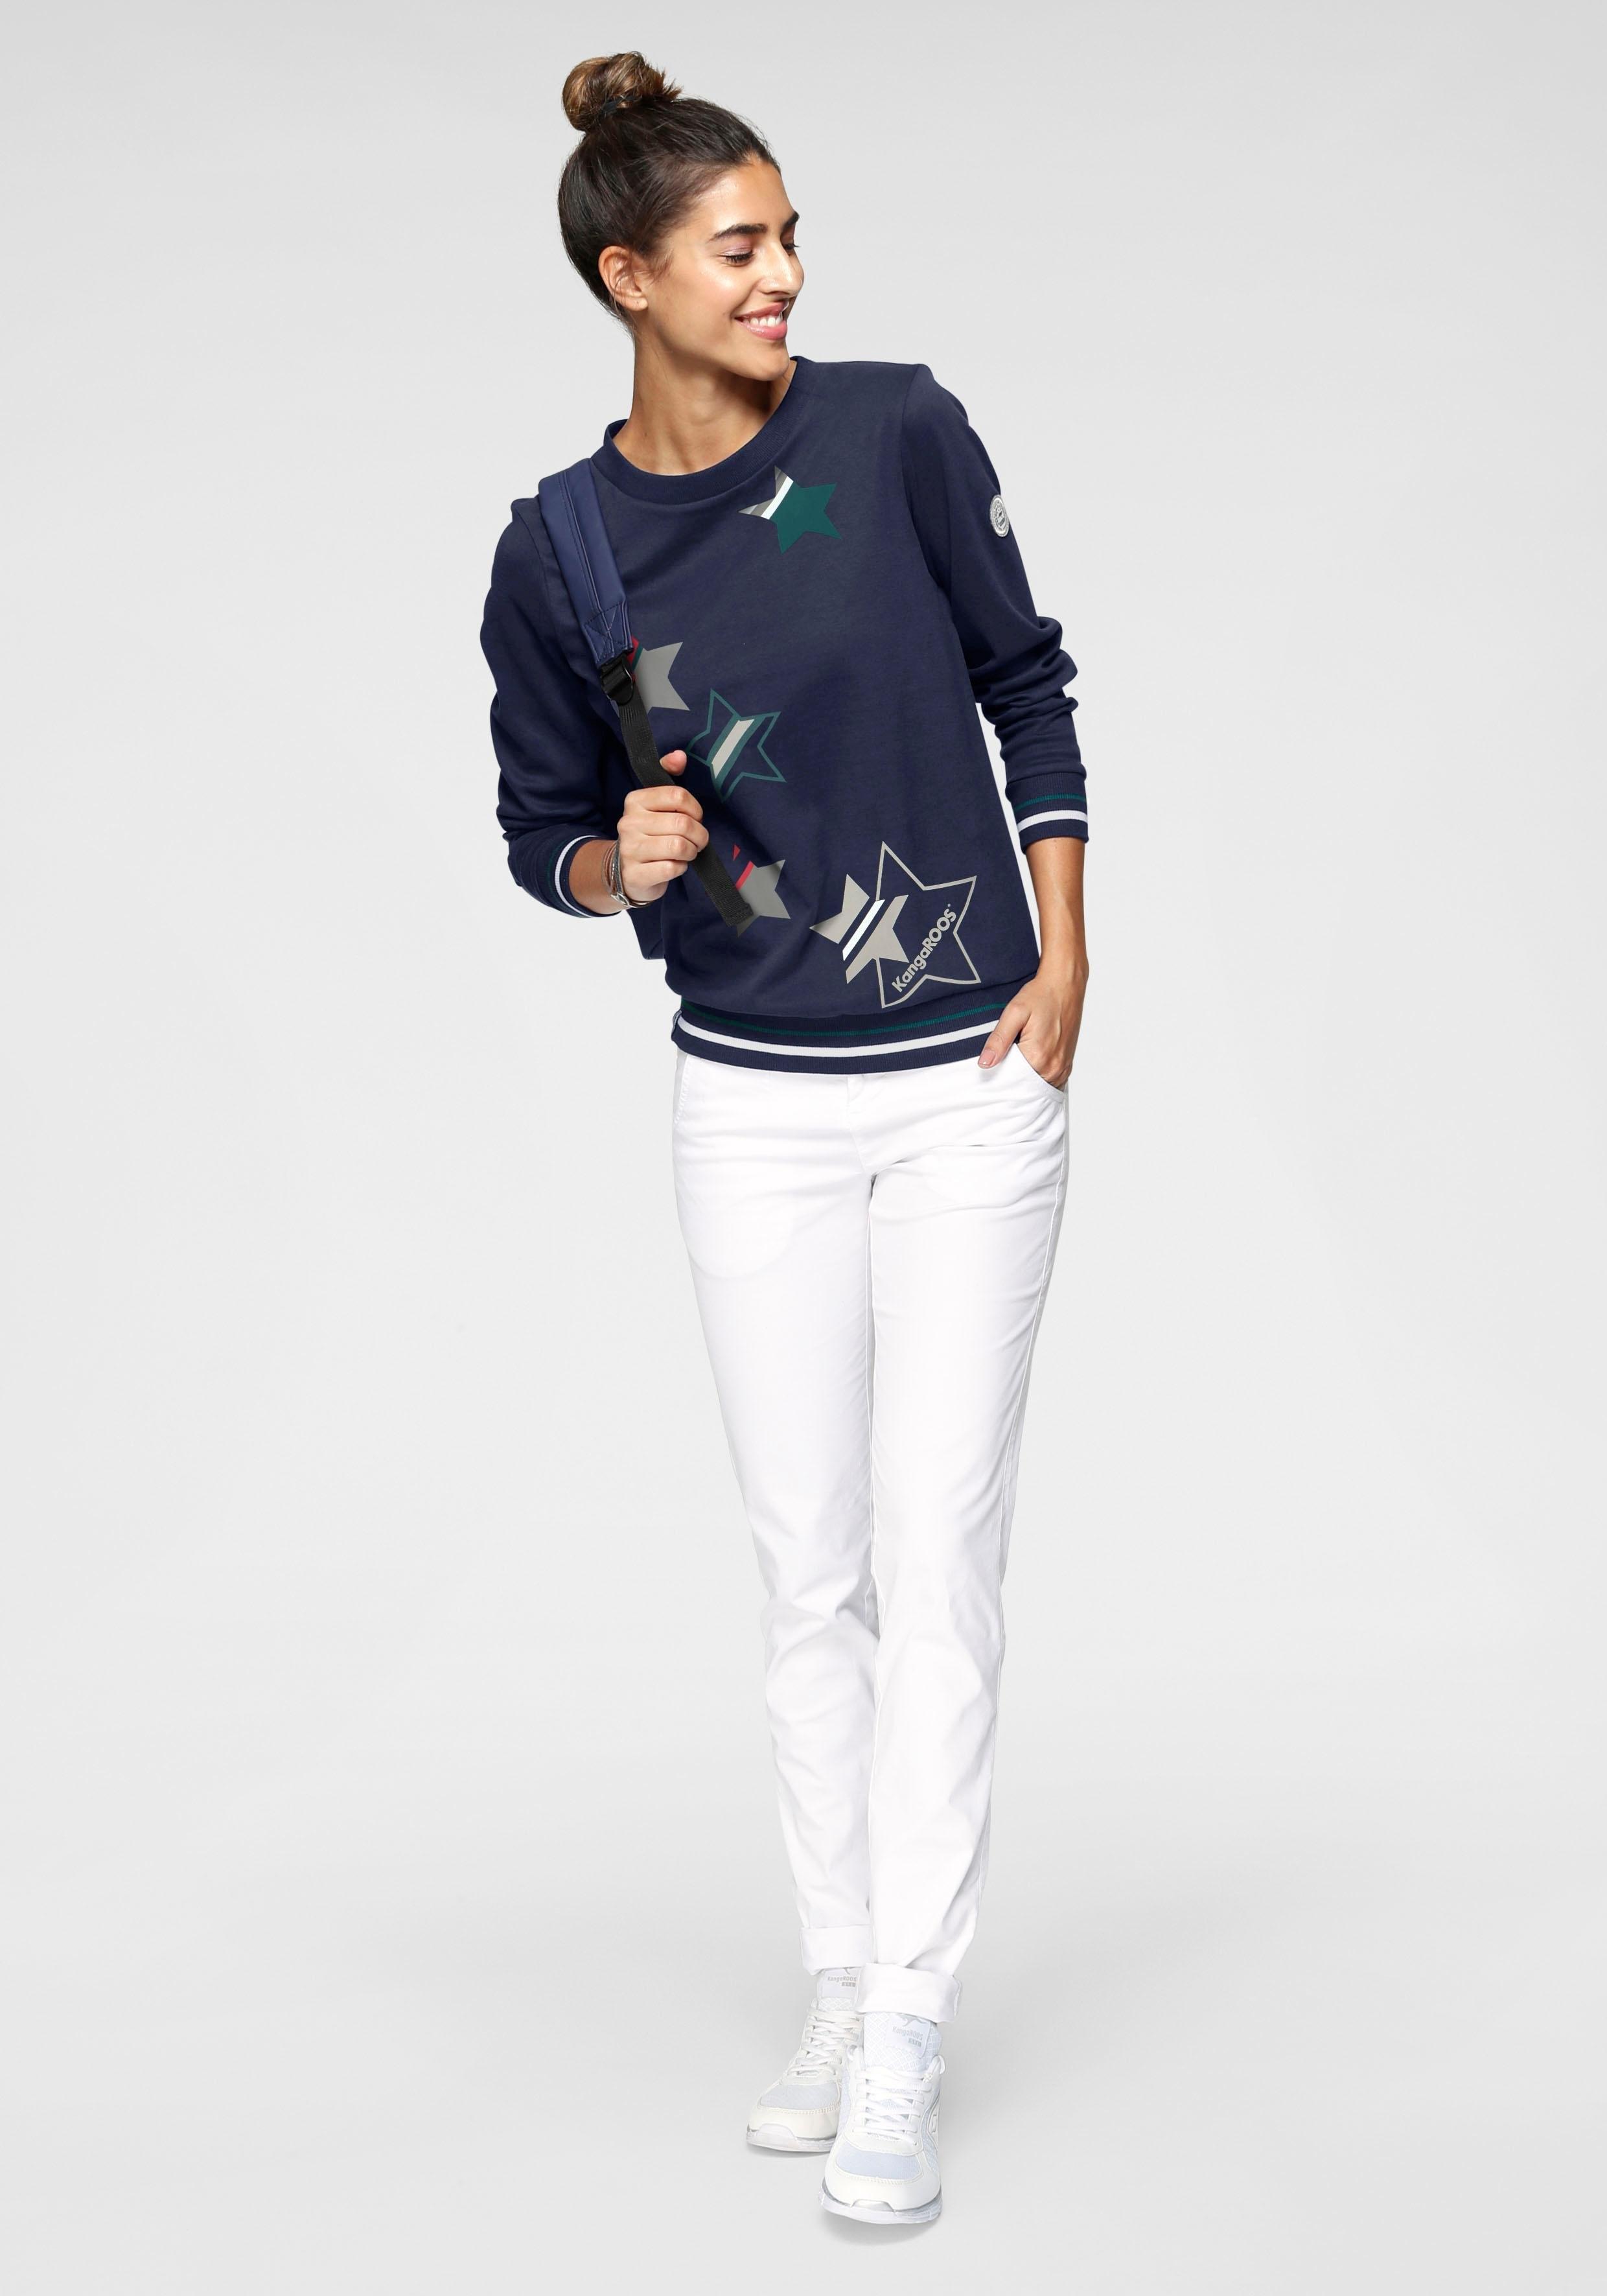 KangaROOS sweater voordelig en veilig online kopen